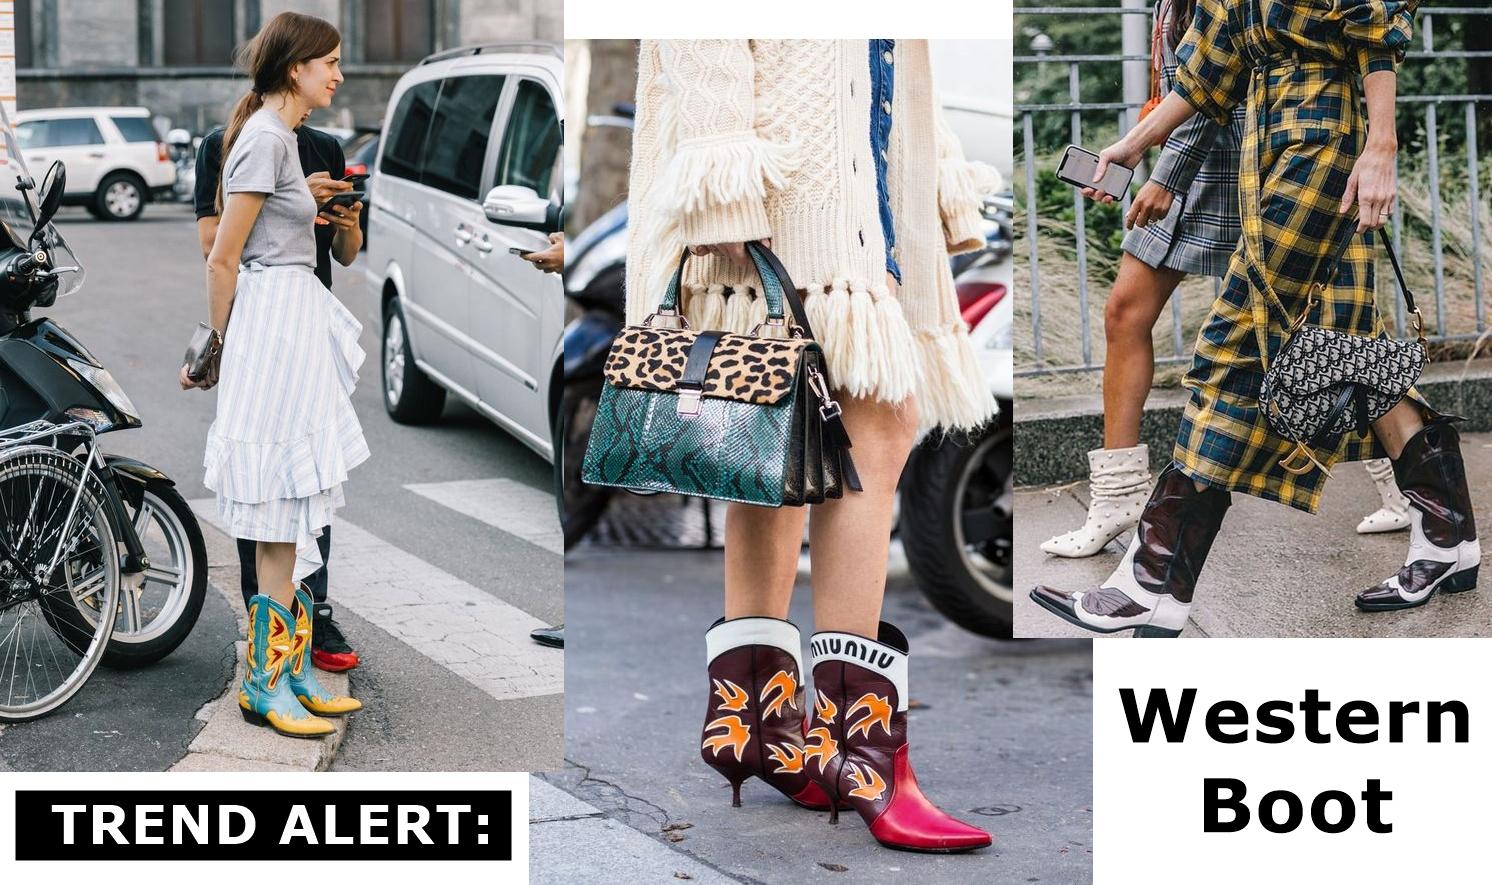 7166f1d9747d1 De fato as botas western ou cowboy boots vão ter lugar cativo nos pés das  fashionistas. E se você ainda não se convenceu dessa trend